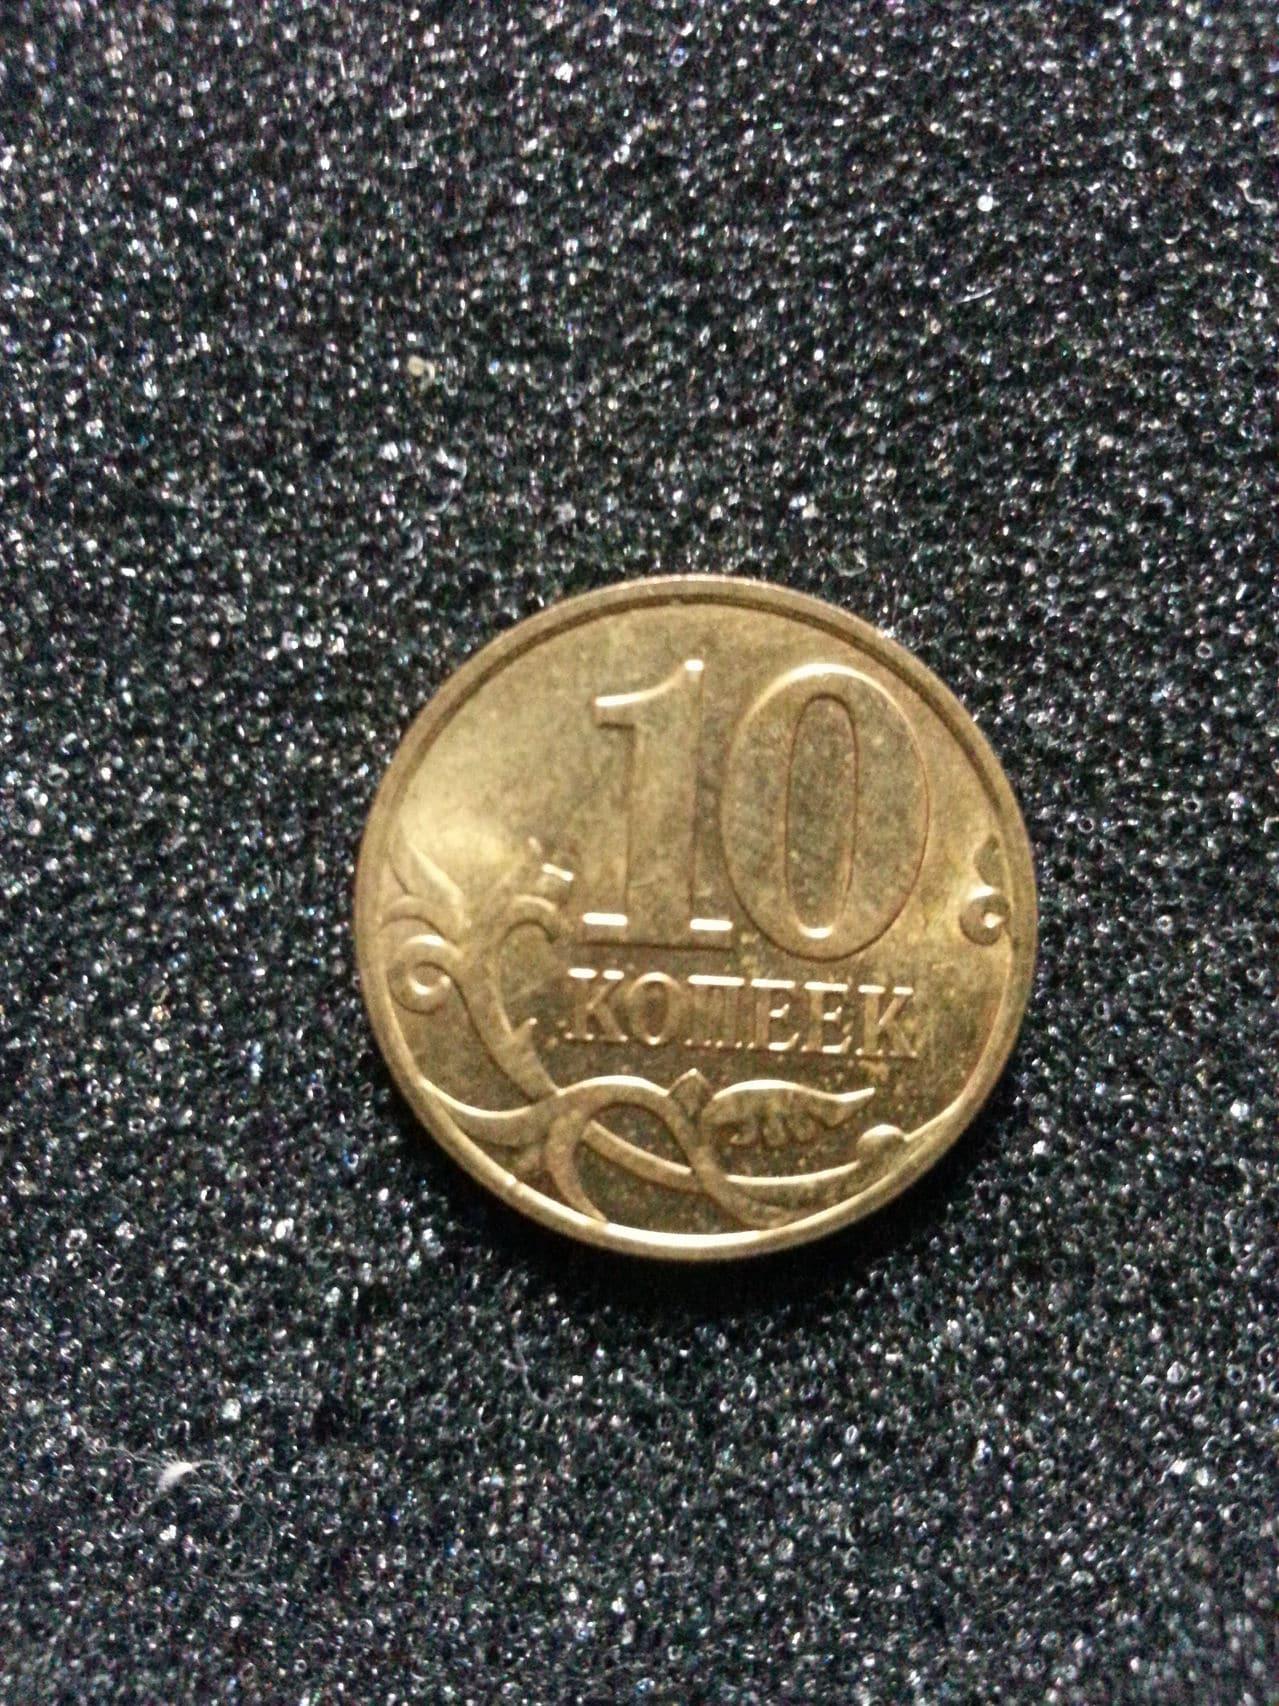 Monedas ecuestres - Página 2 20150213_181109